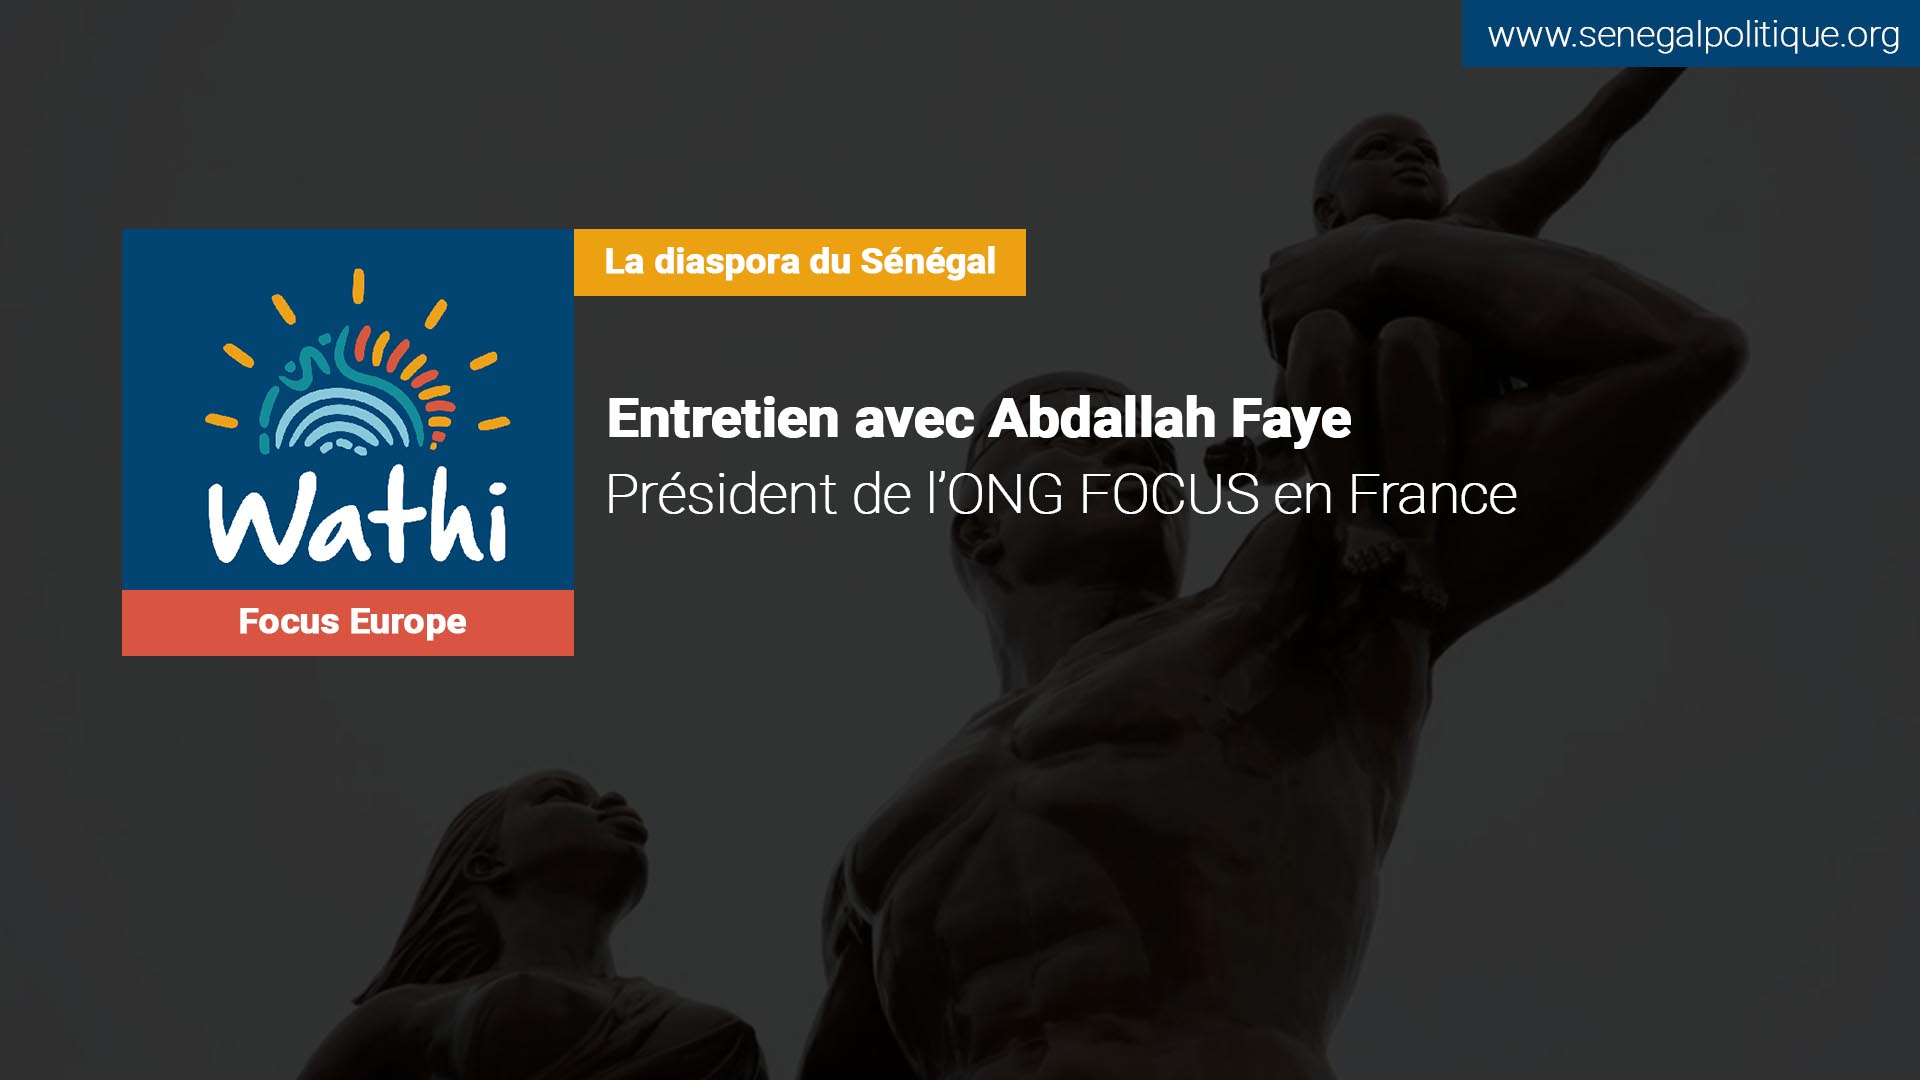 Abdallah Faye, président de l'ONG Focus en France:«L'effort d'une aide pour la diaspora est à saluer mais sa gestion n'a pas du tout été efficace»